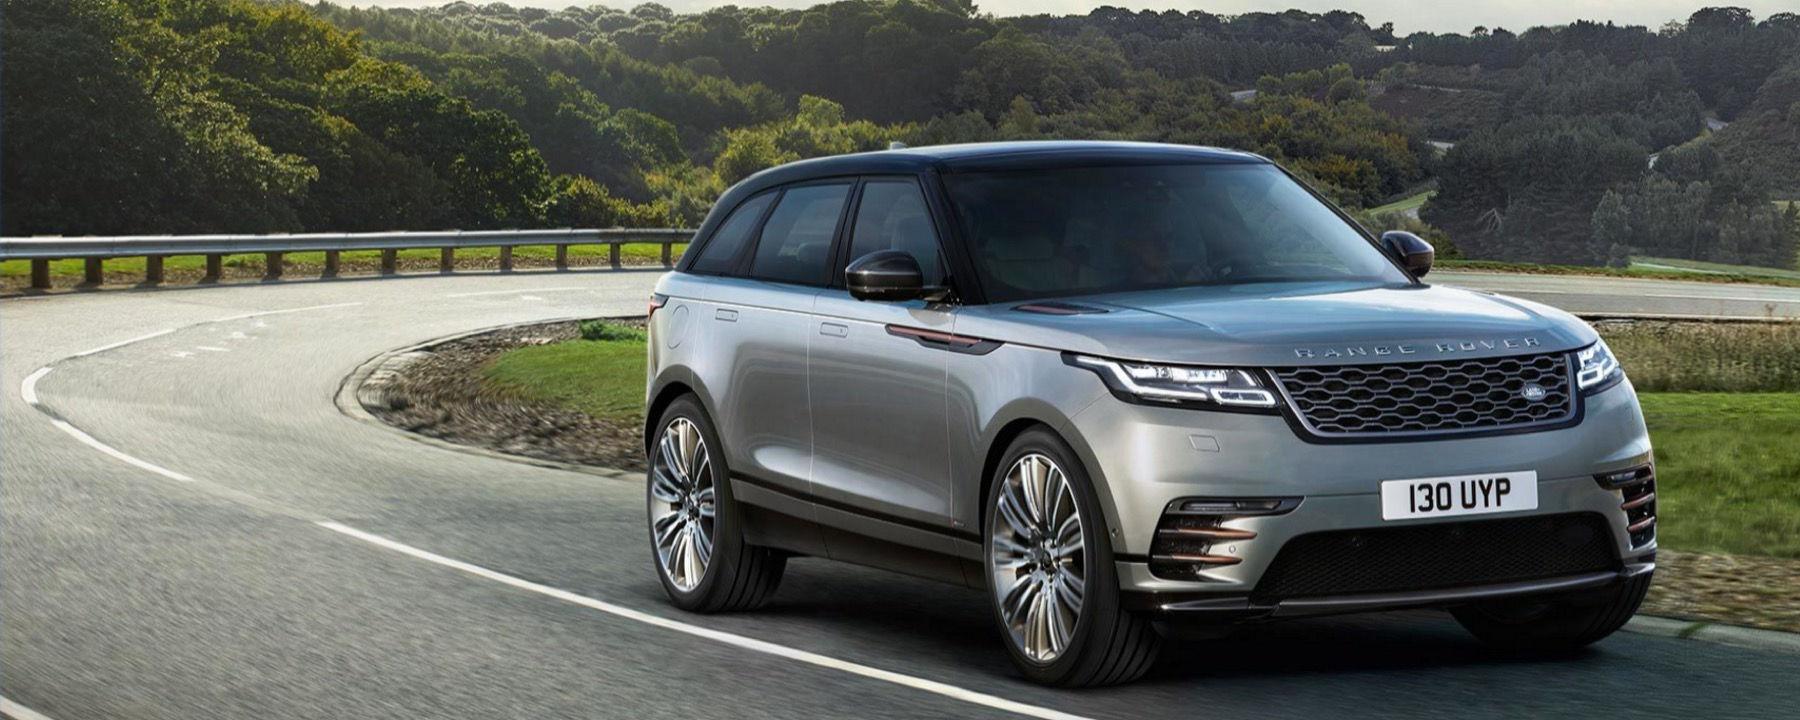 Land Rover kategorisi için resim